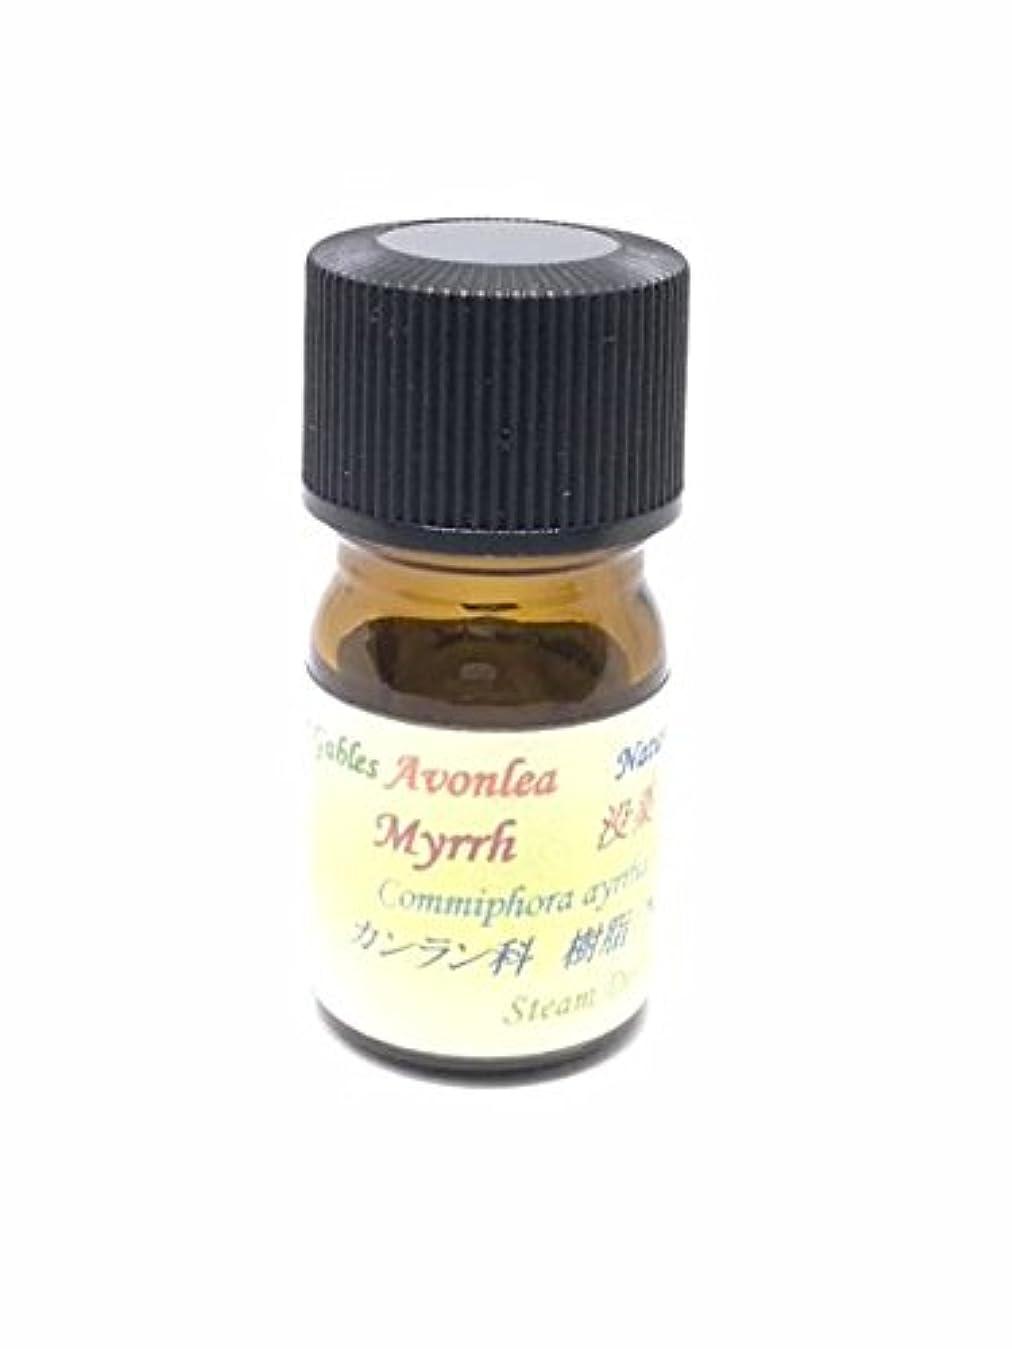 空中粗い敬礼ミルラエッセンシャルオイル精油 (和名 没薬)Myrrh gel (10ml)